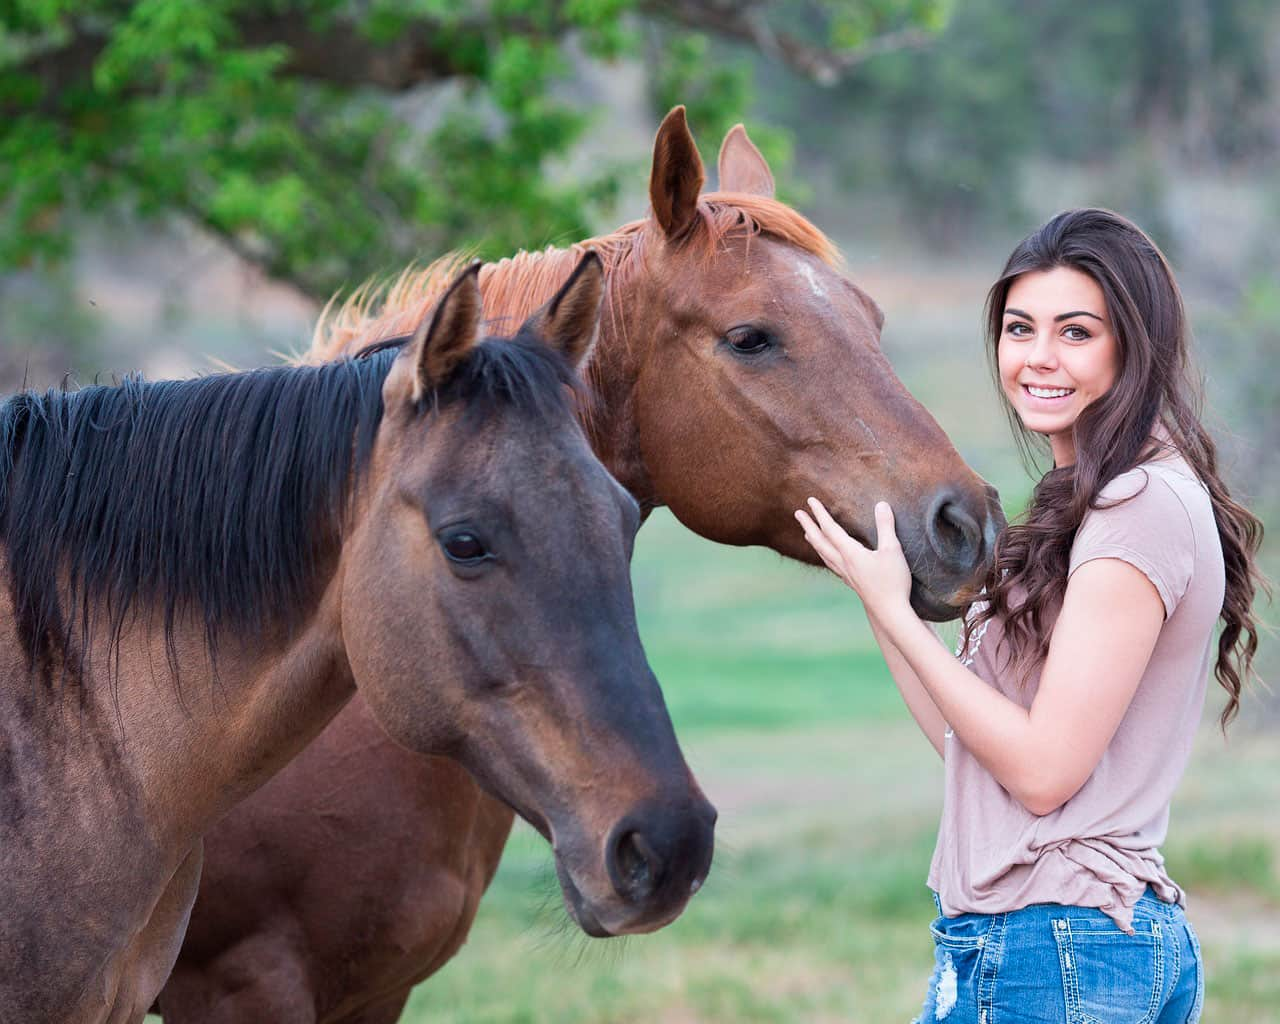 Ensine seu cavalo para dar um beijo